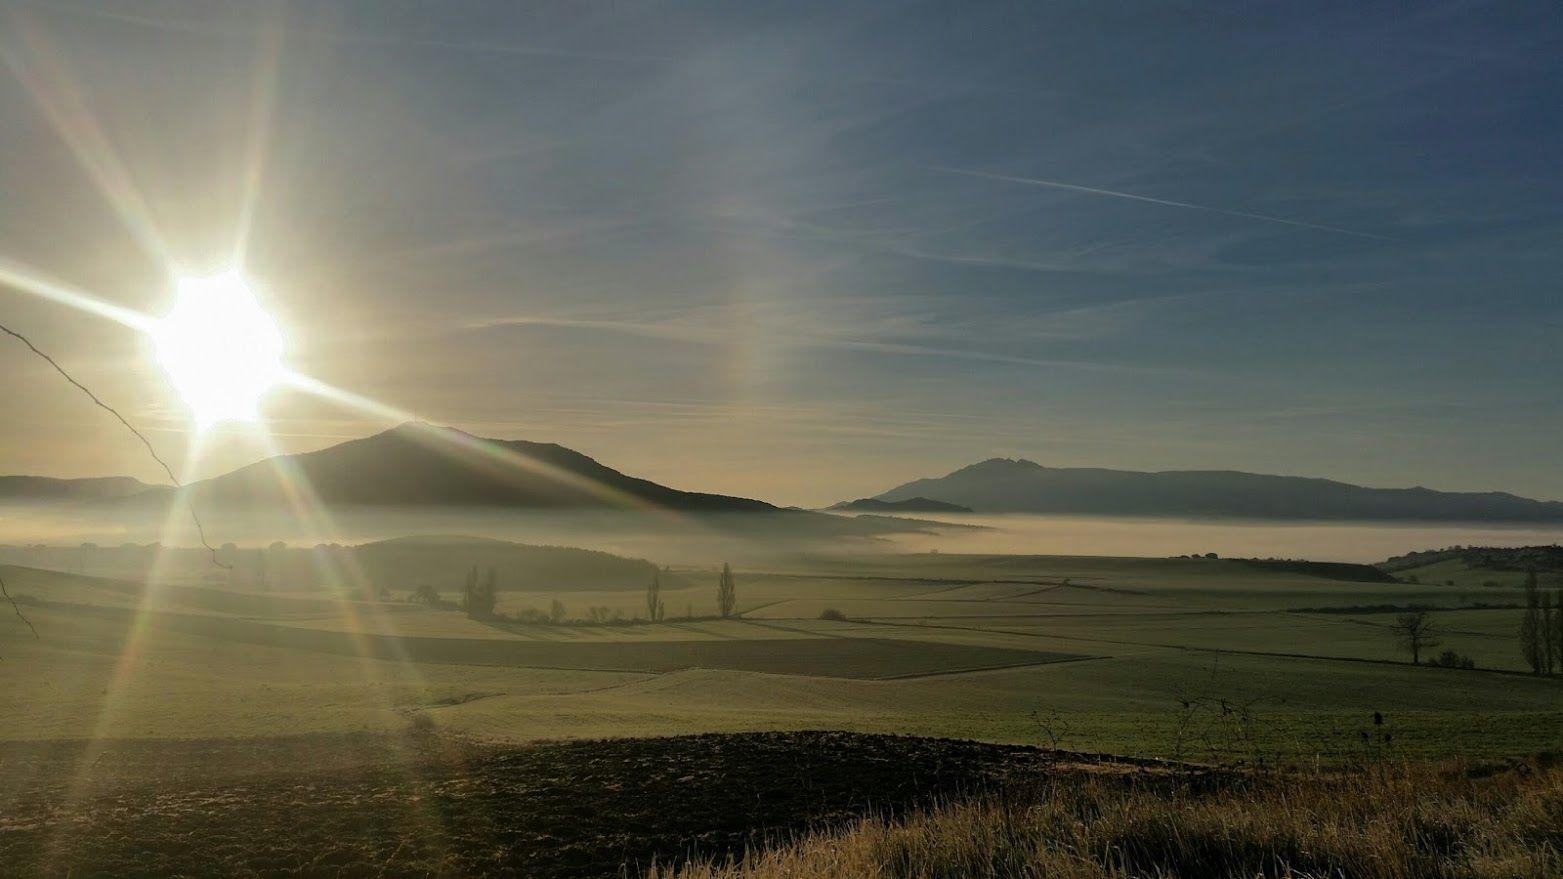 Precioso amanecer en Tierra Estella, #Navarra